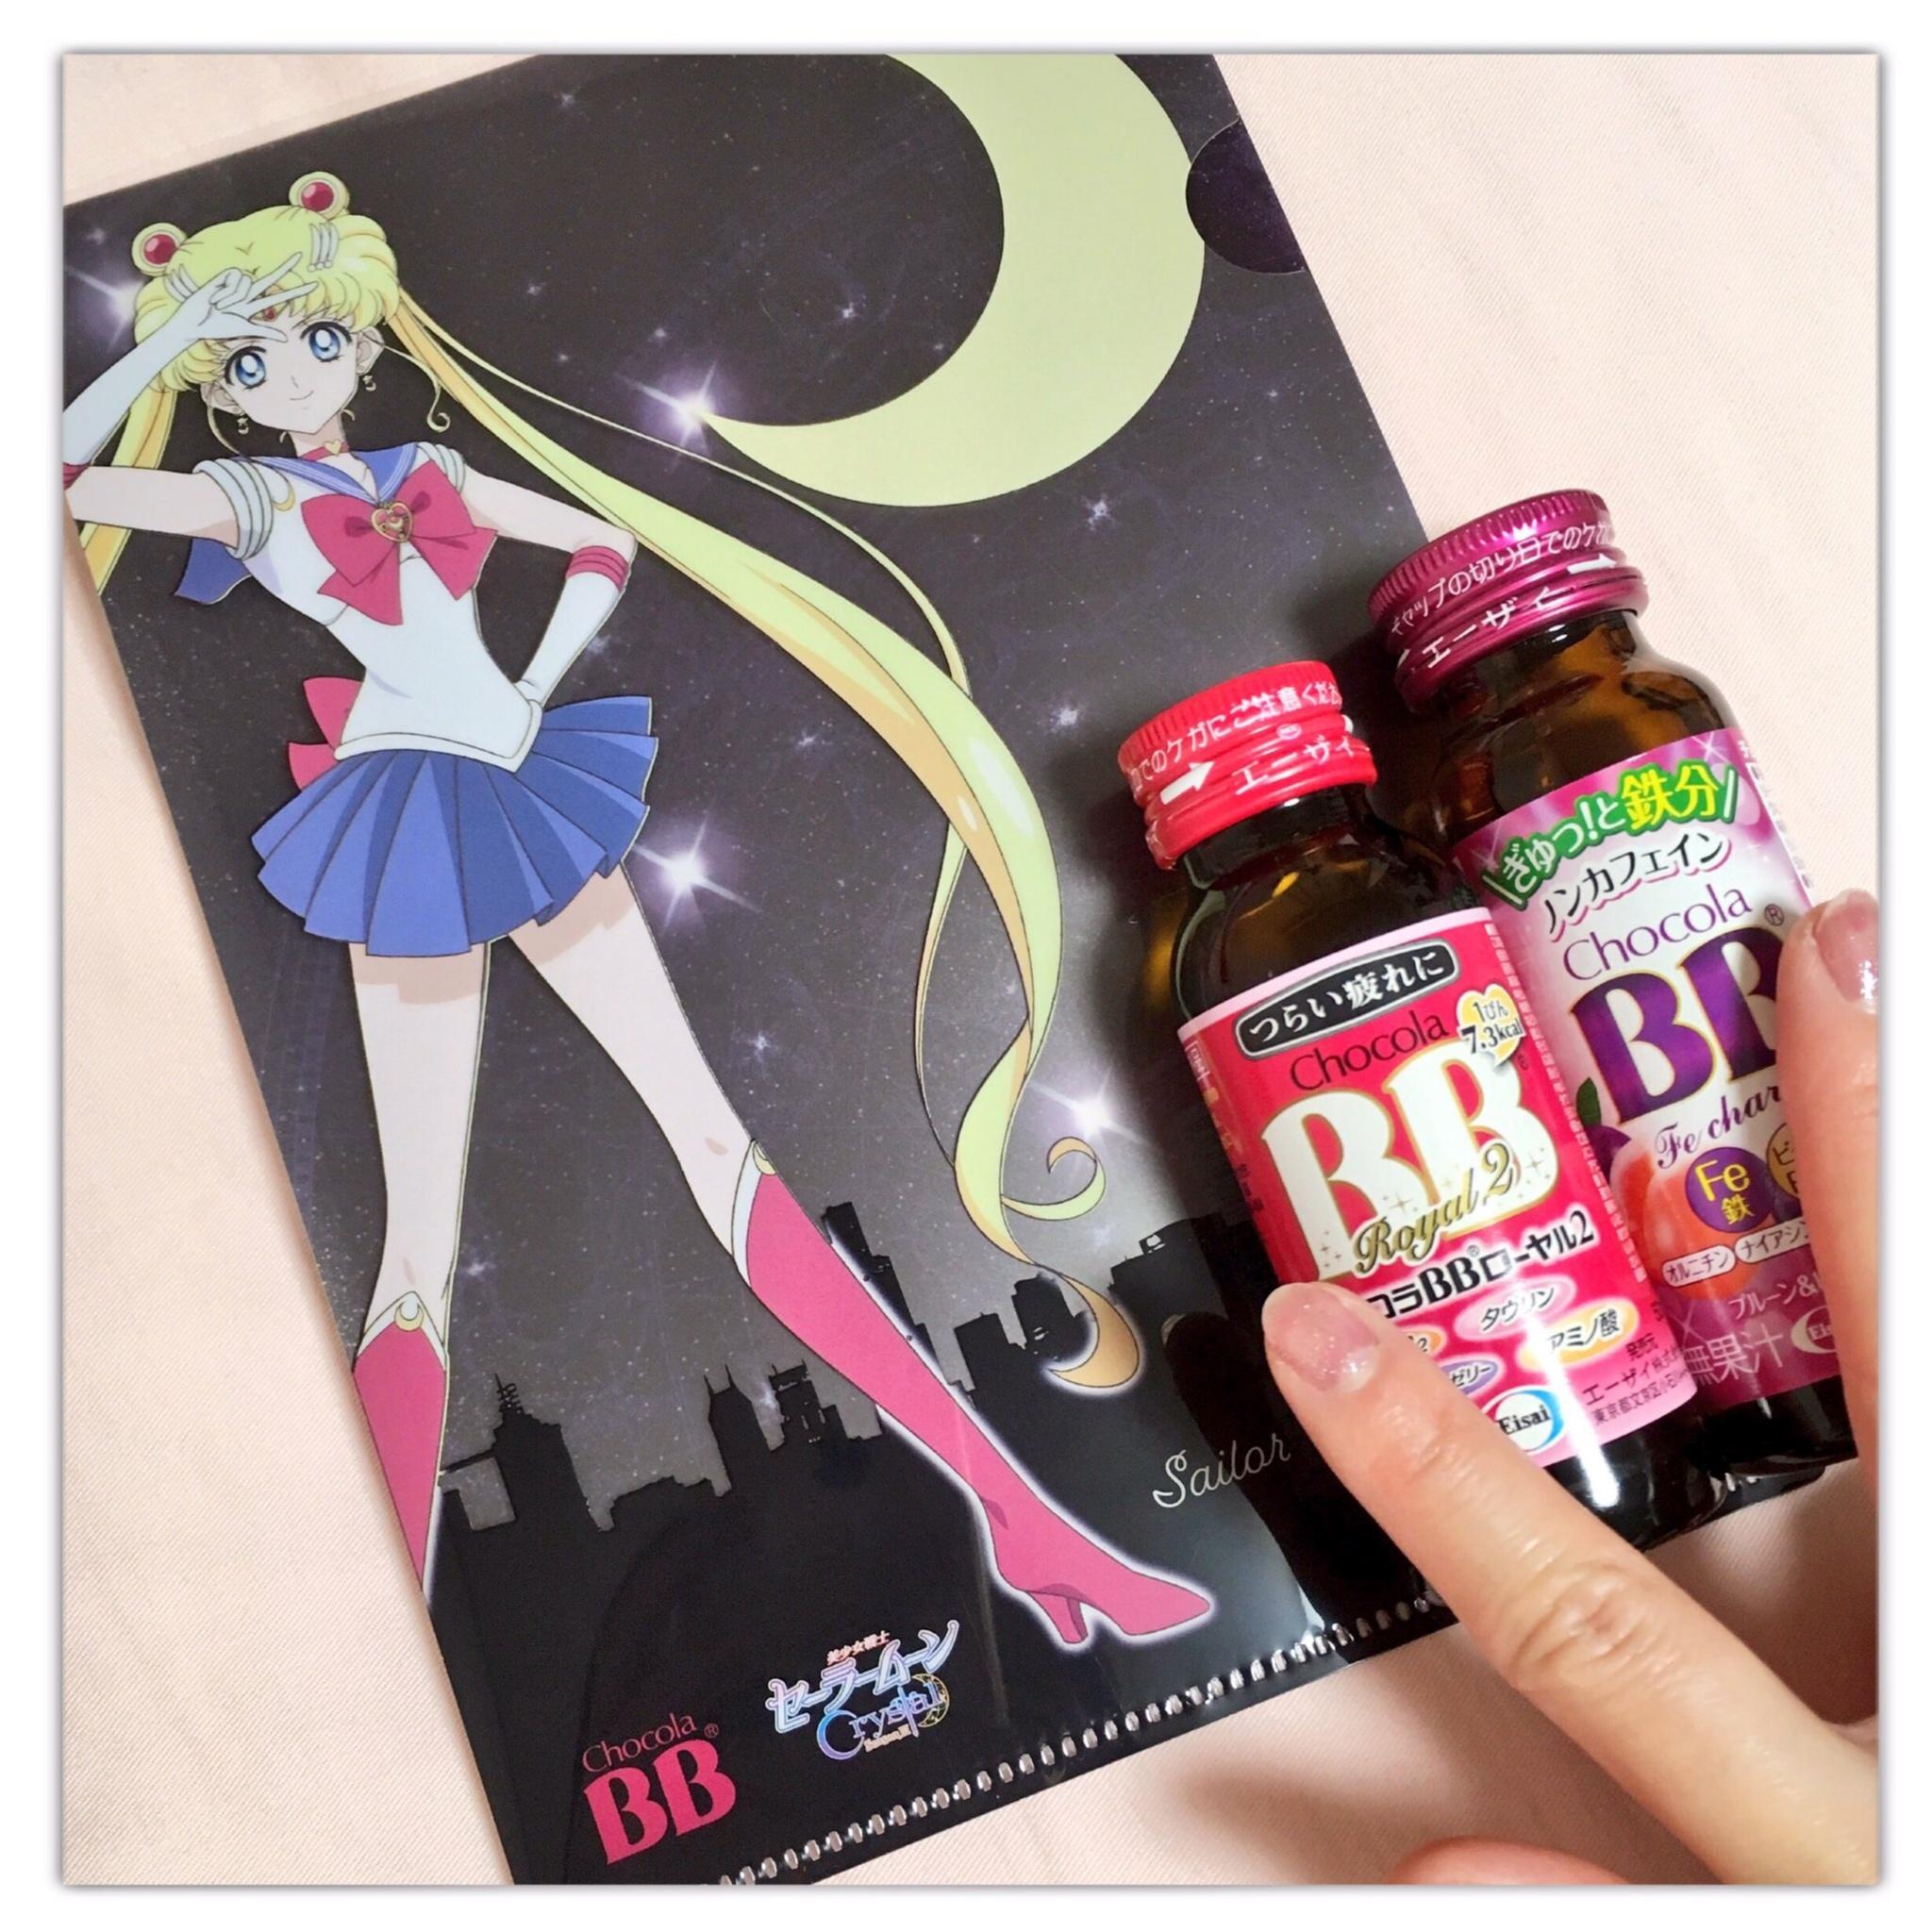 【セーラームーン×チョコラBB】コラボキャンペーンのクリアファイルがかわいいっ!♡_1